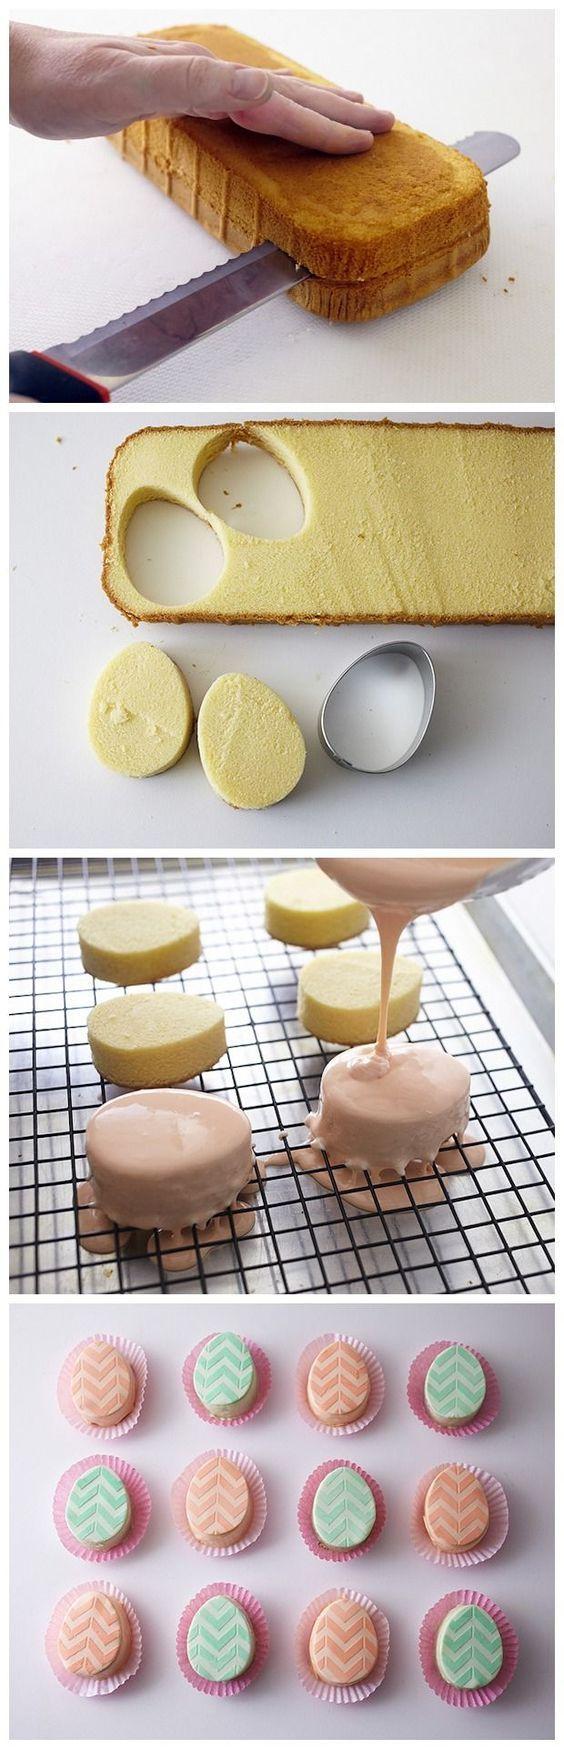 Easy to make Mini Easter Egg Cakes